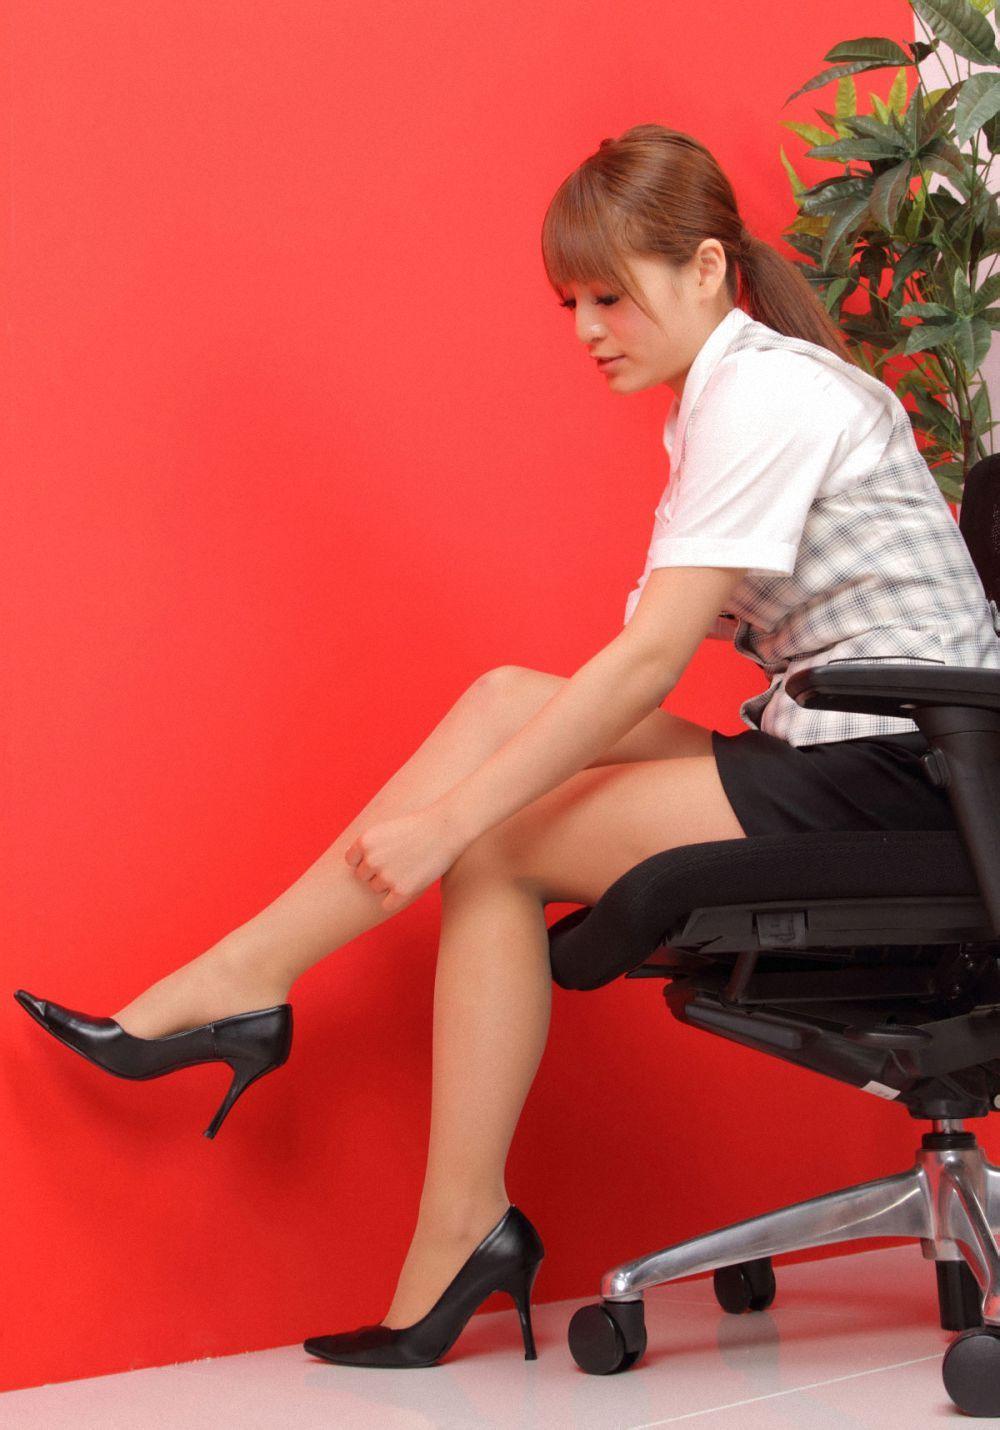 图集说明:小日本的秘书装